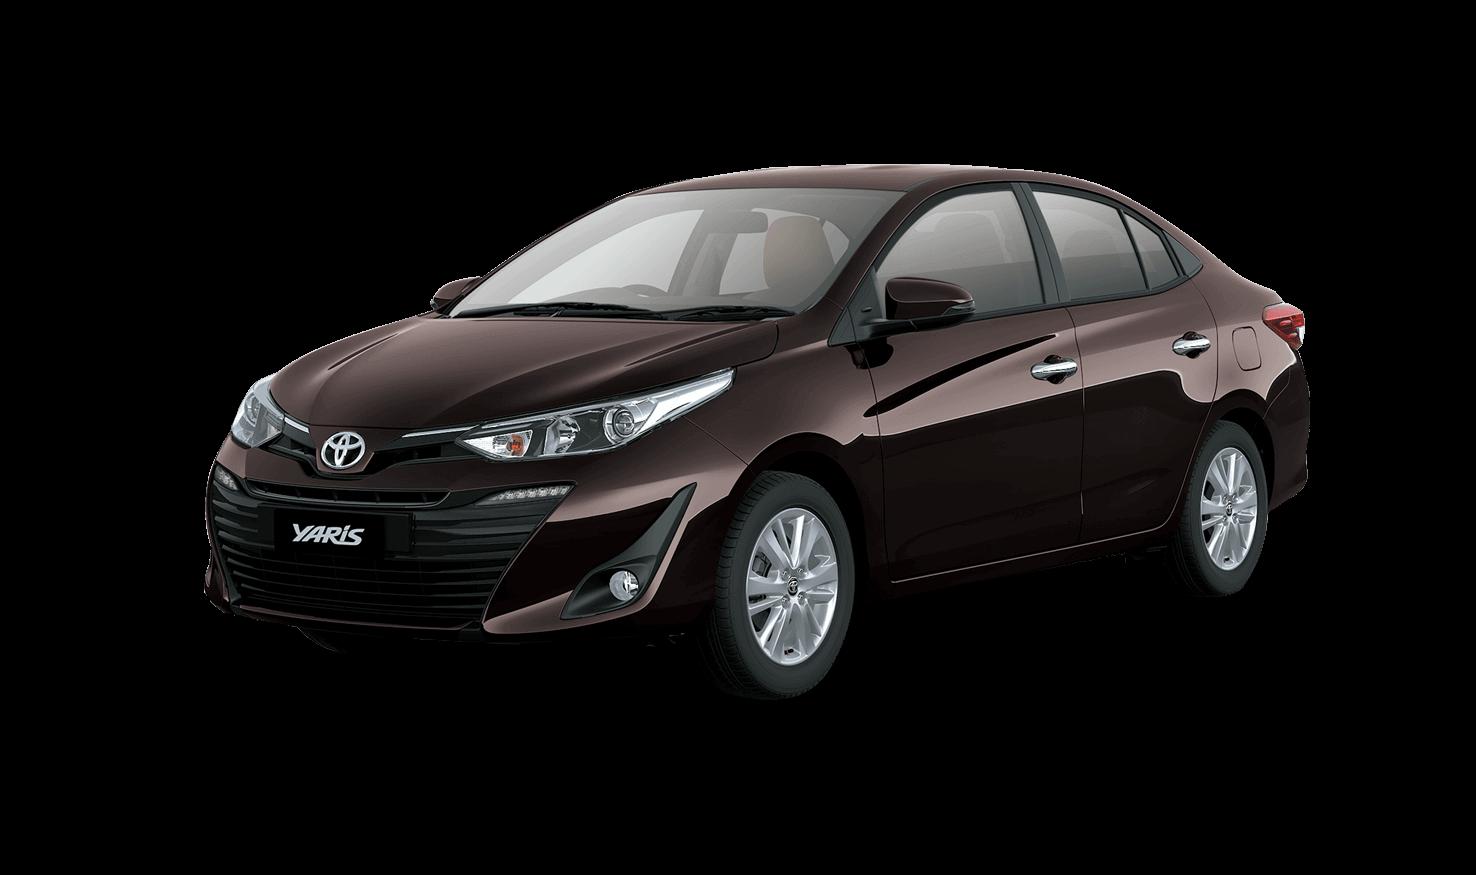 Tooyota Yaris Brown Color - Toyota Yaris Phantom Brown Color